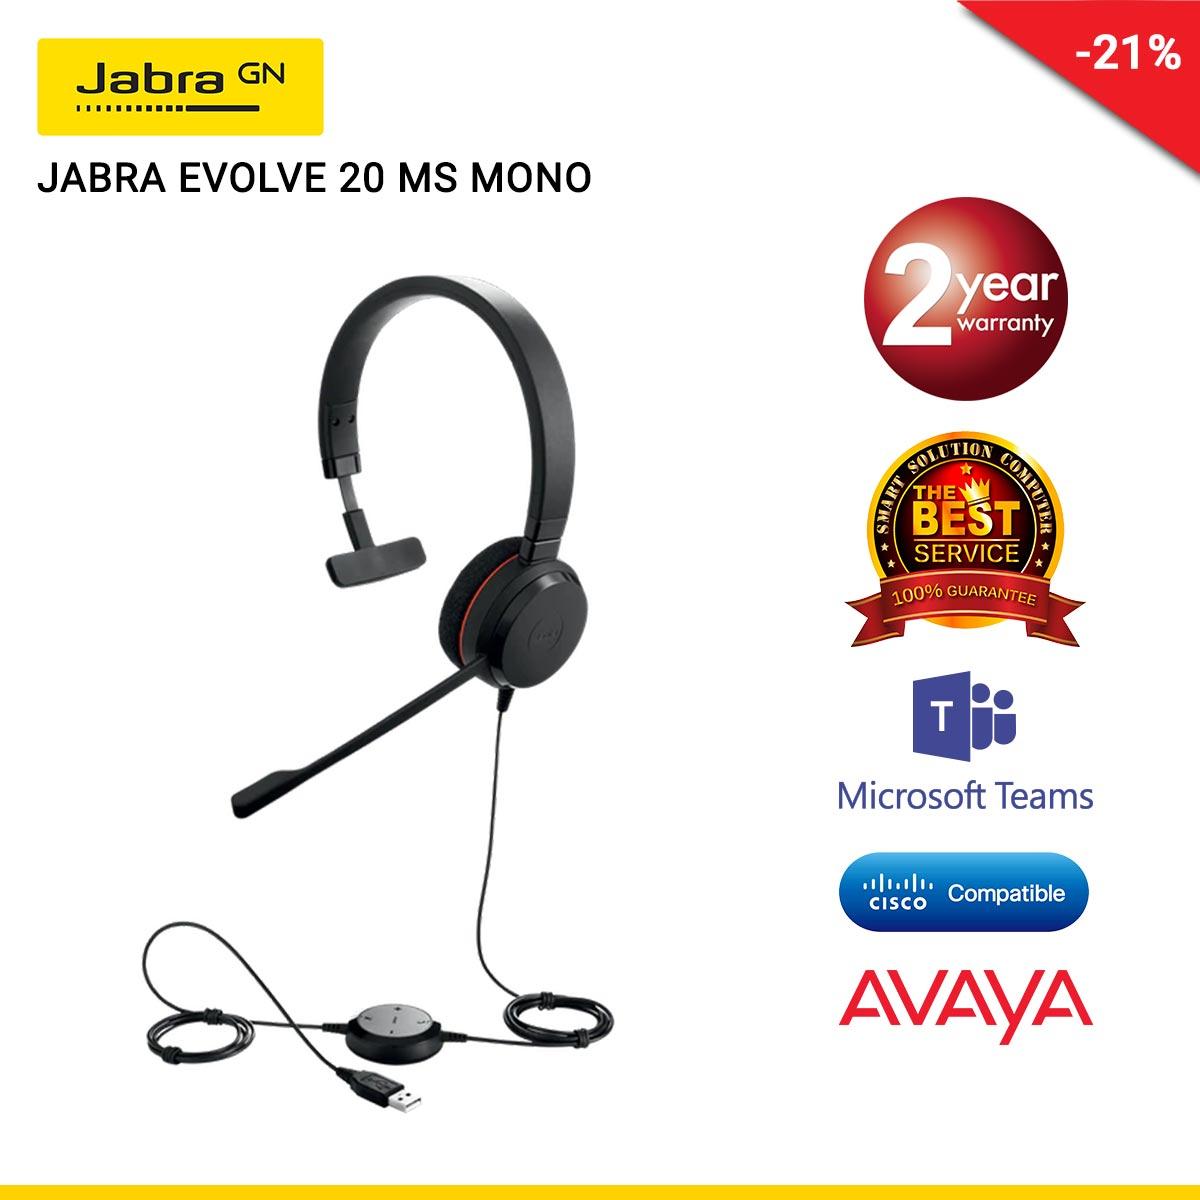 JABRA EVOLVE 20 MS MONO (JBA-4993-823-109)